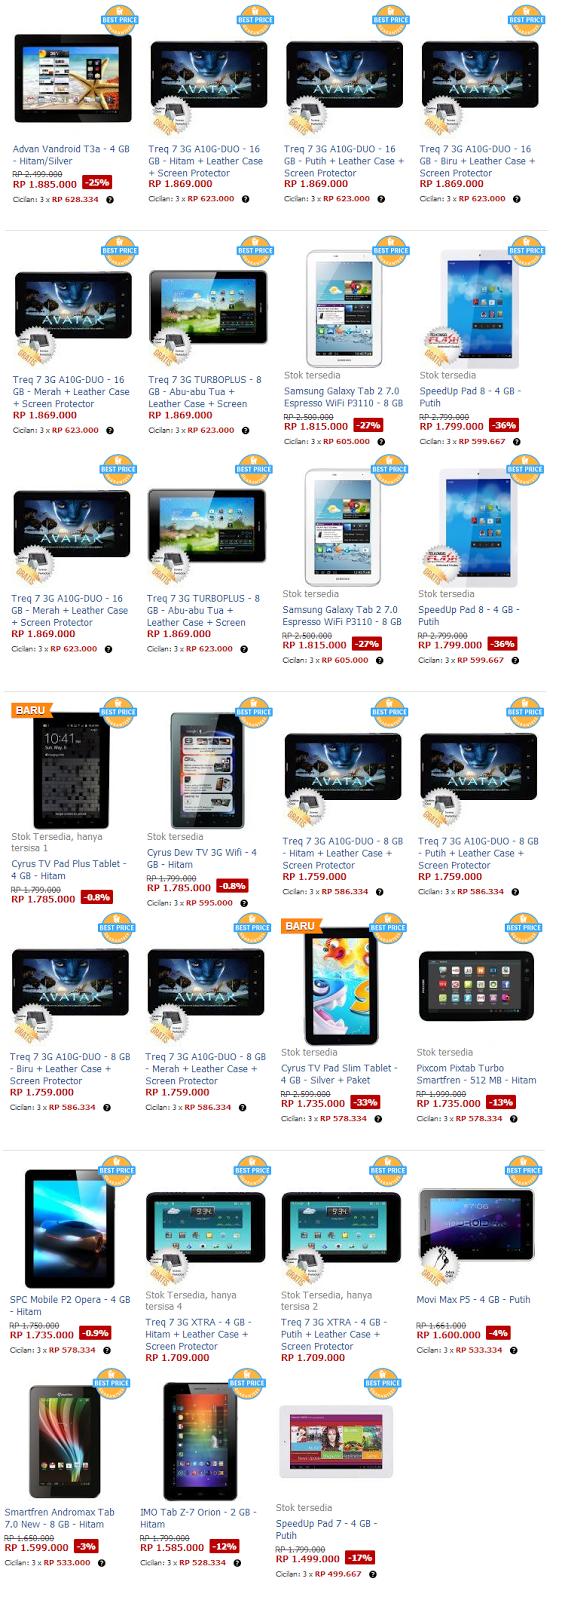 Tablet Android Terbaik Dibawah 2 Juta